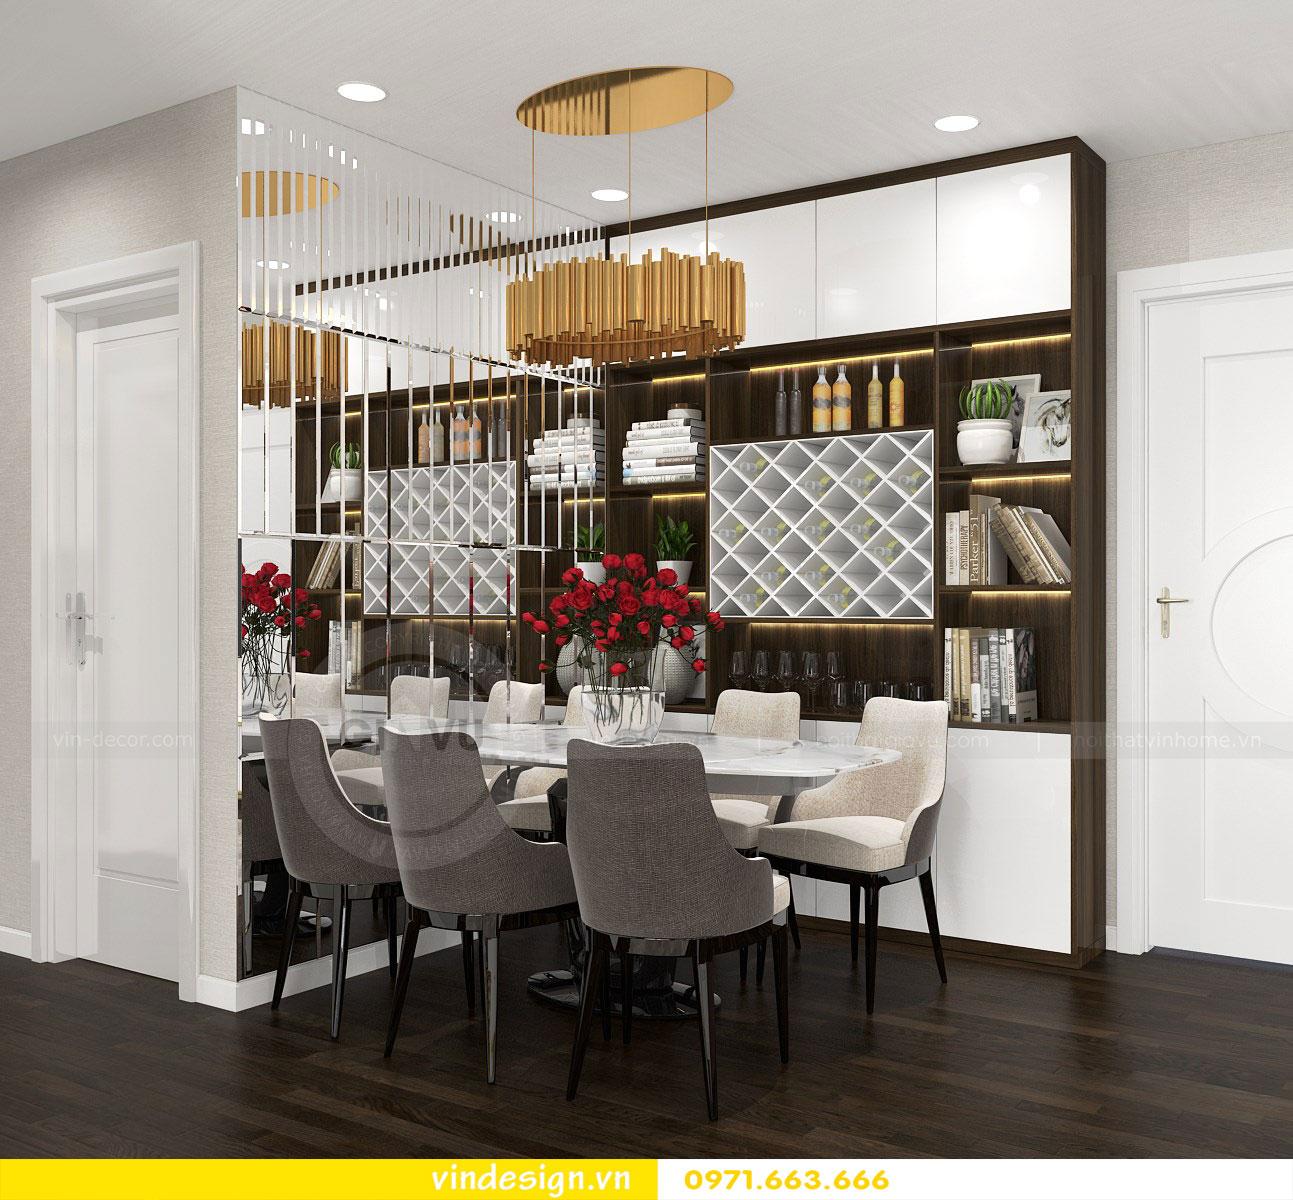 chung cư Gardenia thiết kế thi công nội thất chuyên nghiệp 0971663666 01